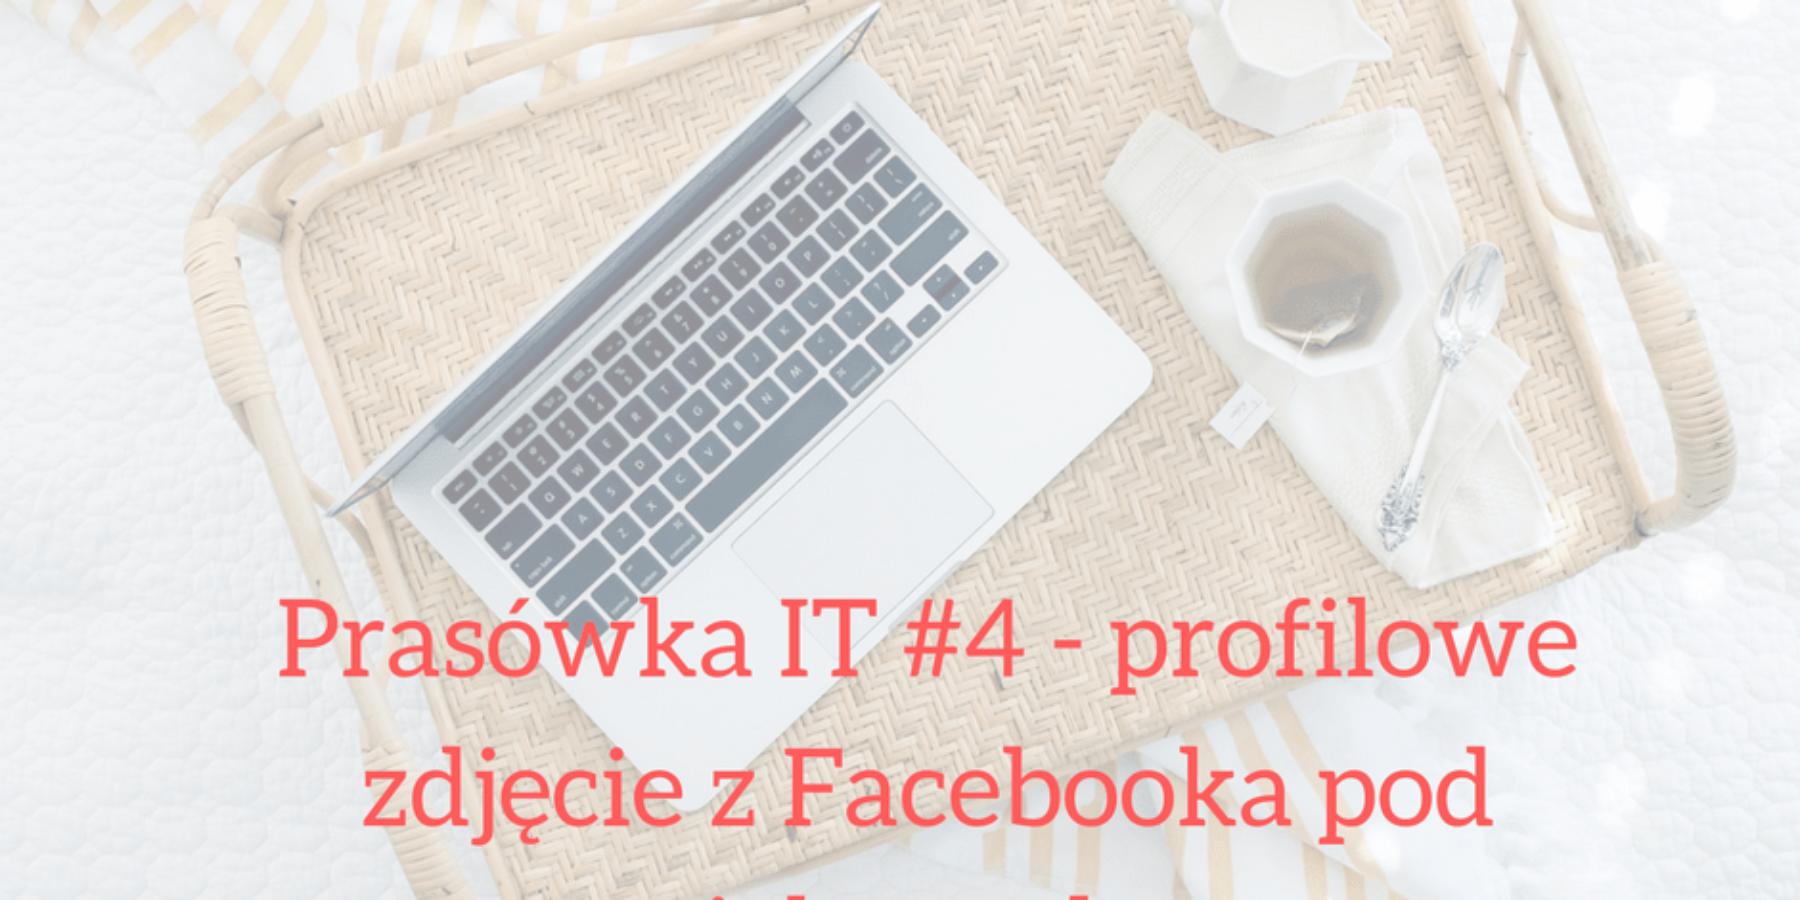 Prasówka IT #4 – profilowe zdjęcie zFacebooka podspecjalną ochroną